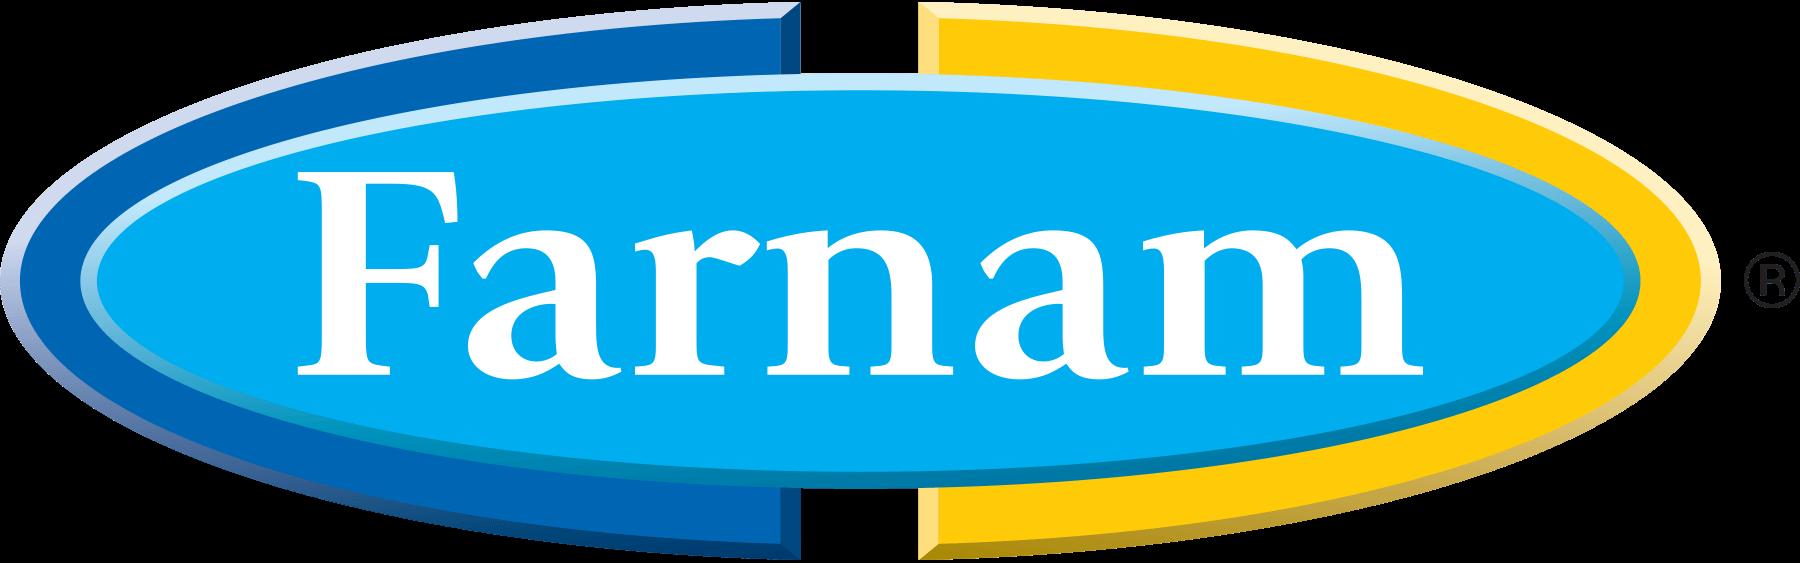 logo_FarnamPet